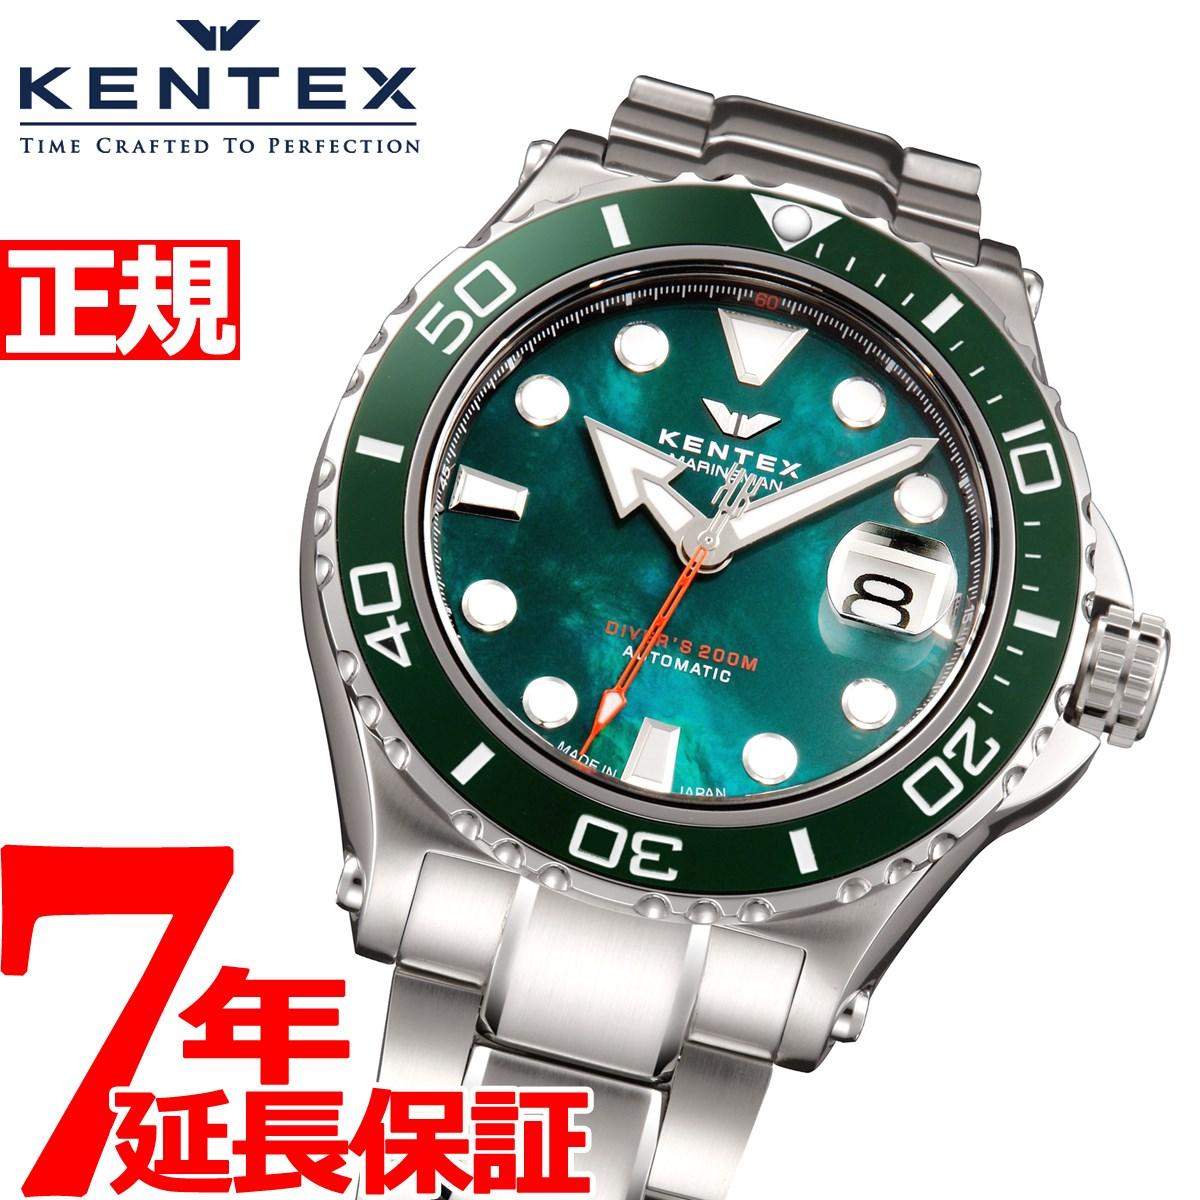 【5日0時~♪2000円OFFクーポン&店内ポイント最大51倍!5日23時59分まで】ケンテックス KENTEX メンズ 限定モデル 腕時計 ダイバーズ 自動巻き マリンマン シーホースII S706M-17